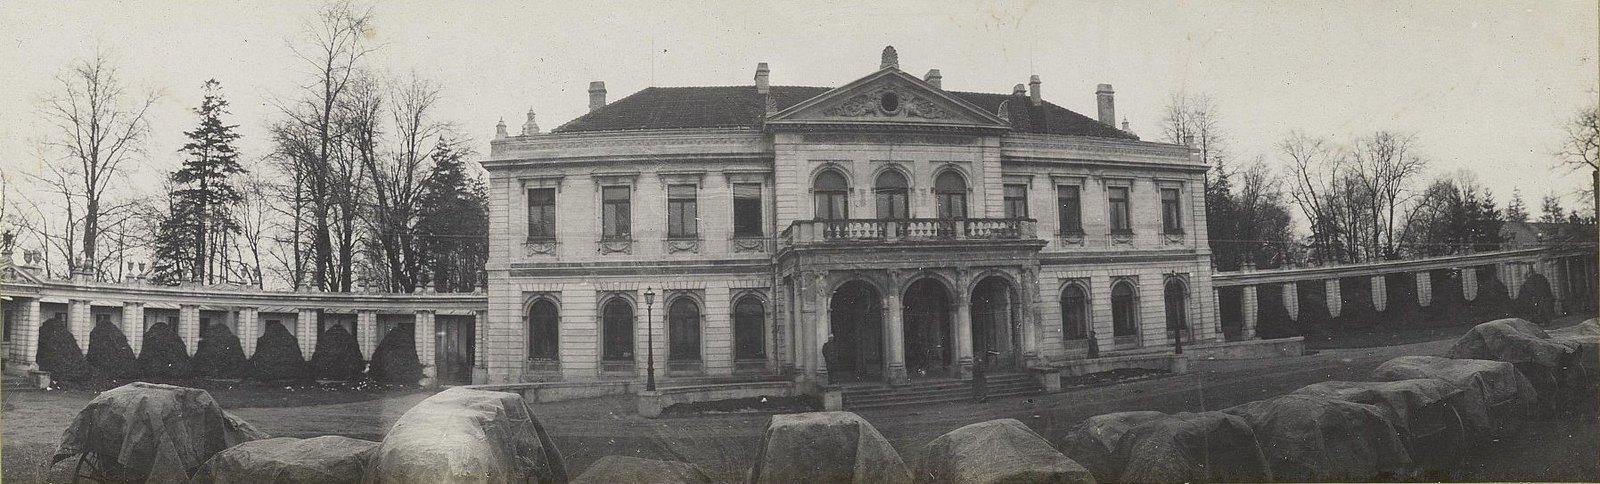 64. Дом помещика Карсского в Незнановицах, где квартировал штаб армии